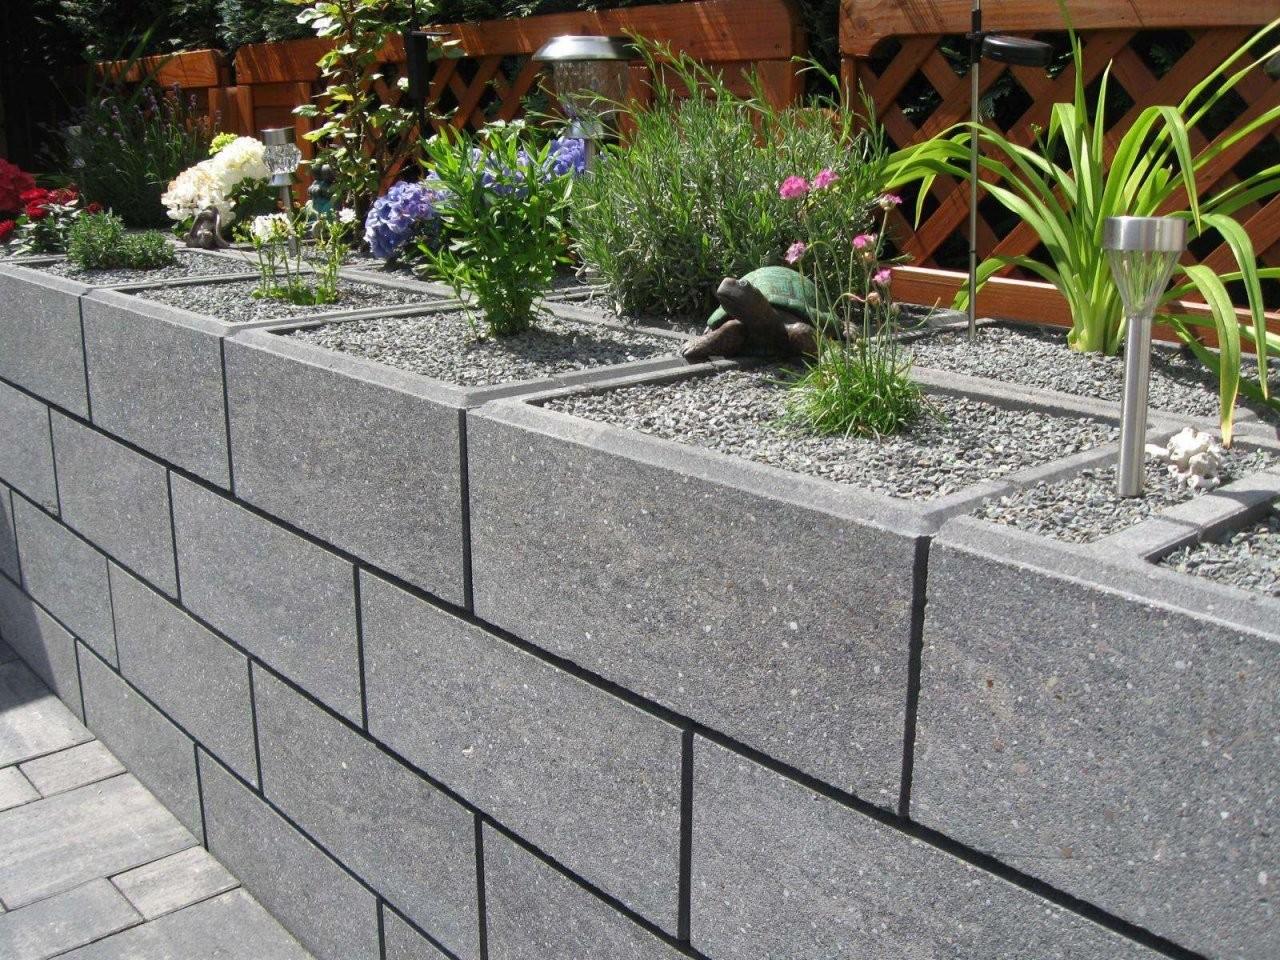 Garten Gestalten Mit Pflanzsteinen Frisch Garten Treppenstufen von Garten Gestalten Mit Pflanzsteinen Photo